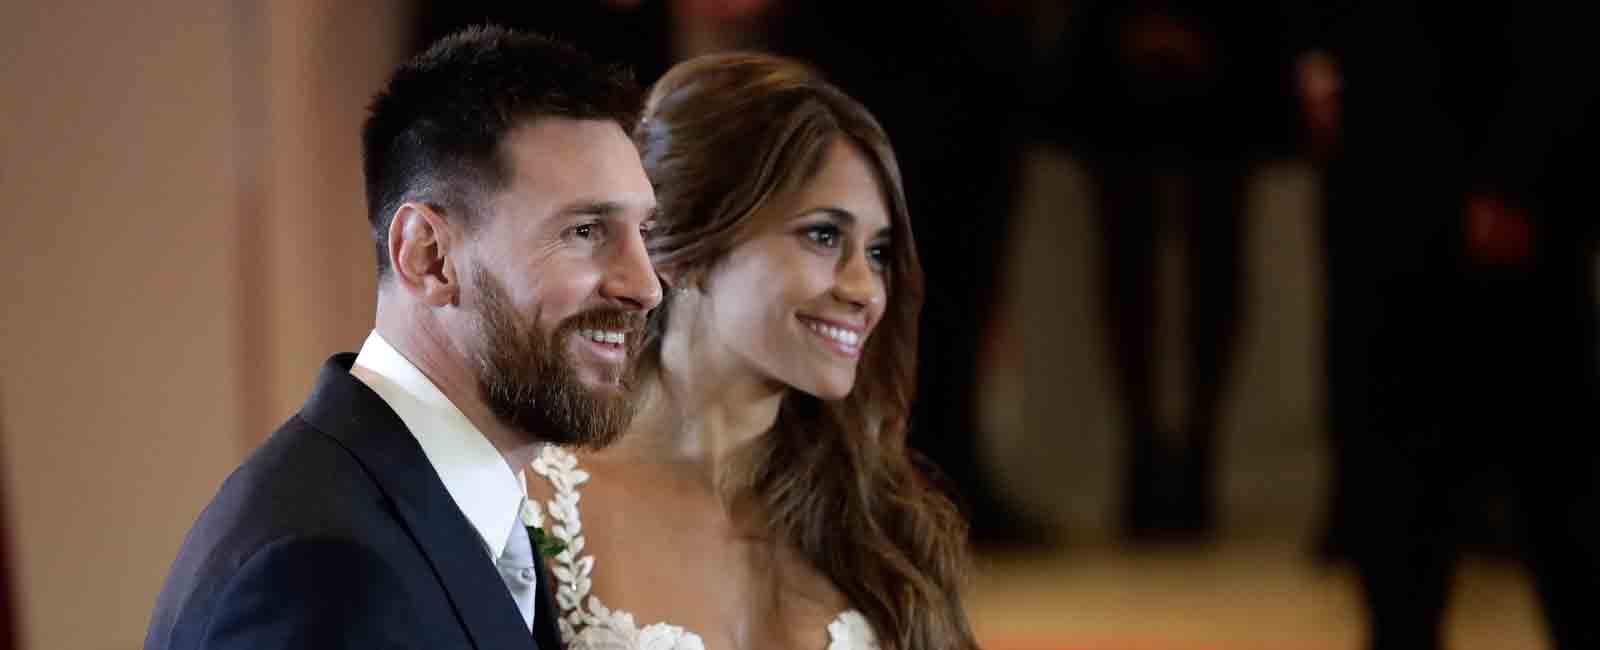 Leo Messi y Antonella Roccuzo se casan en Argentina